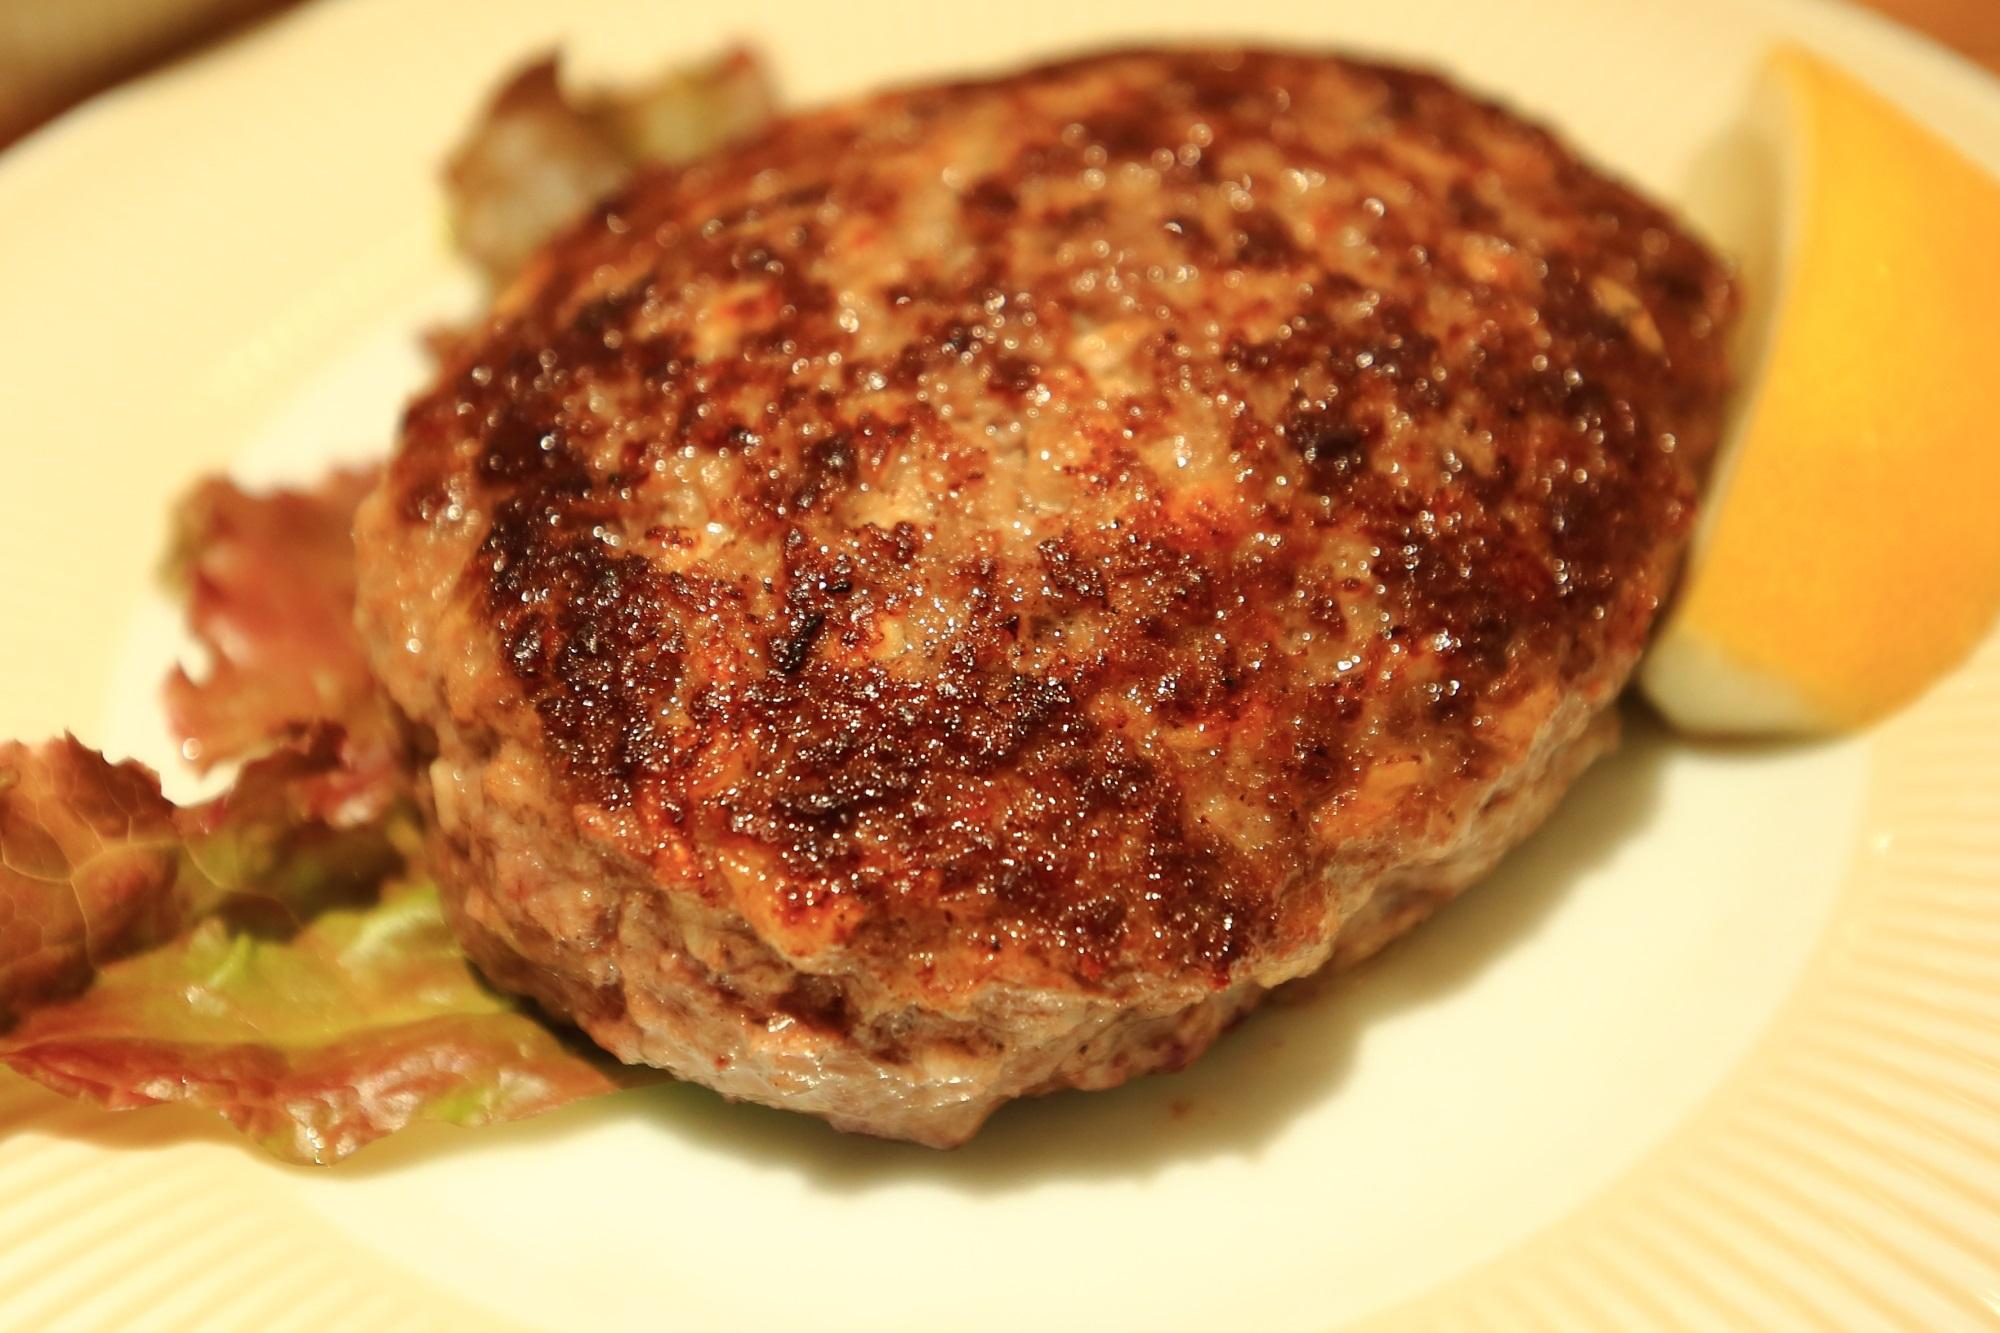 こだわりのハンバーグ専門店ハンバーグラボ【HAMBURG LABO】の黒毛和牛100%ハンバーグランチ(M)